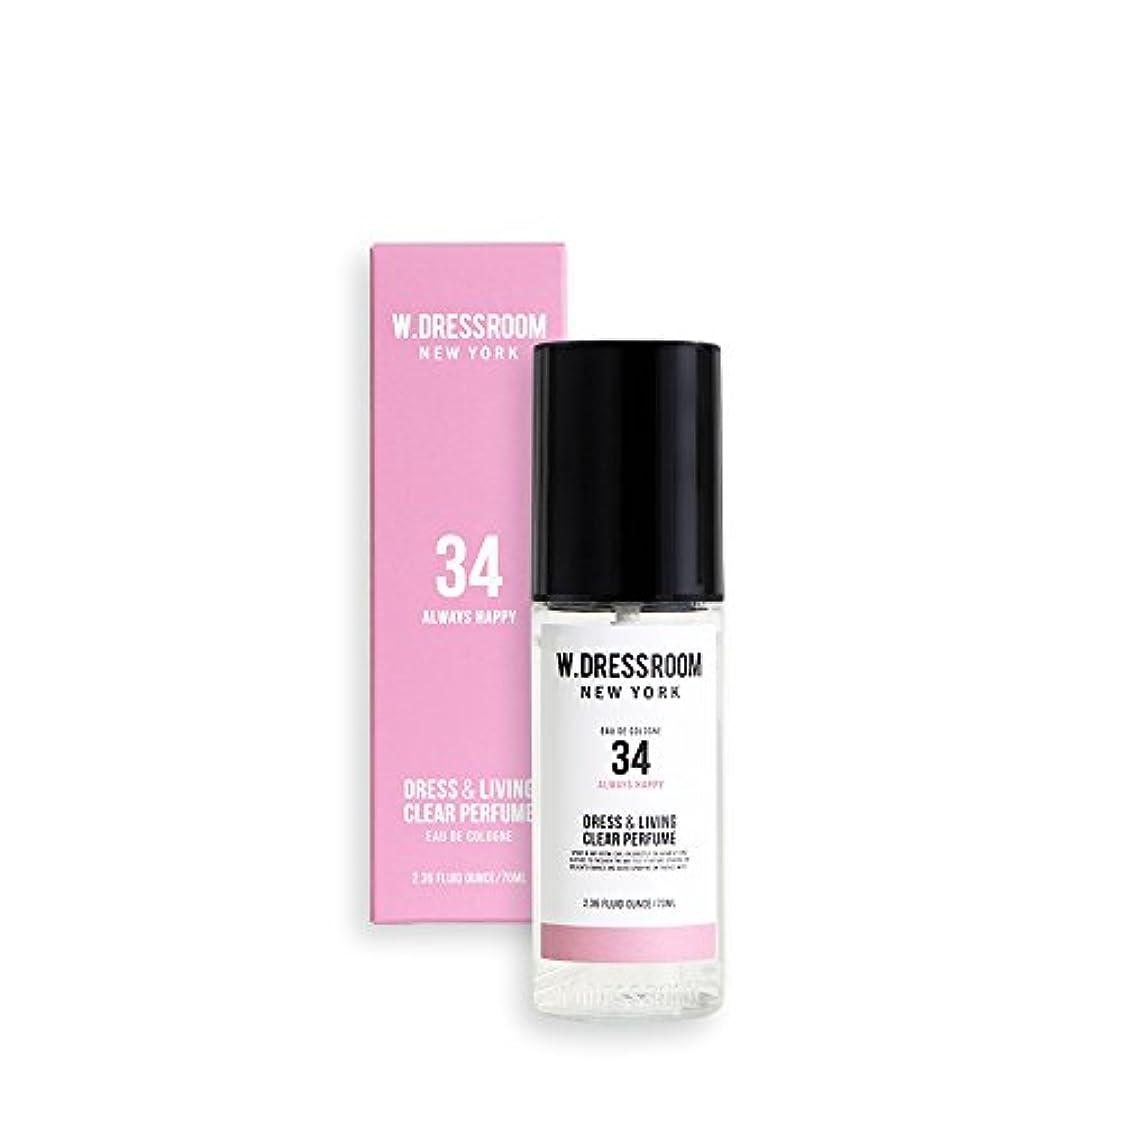 バッジ二ピービッシュW.DRESSROOM Dress & Living Clear Perfume 70ml/ダブルドレスルーム ドレス&リビング クリア パフューム 70ml (#No.34 Always Happy) [並行輸入品]